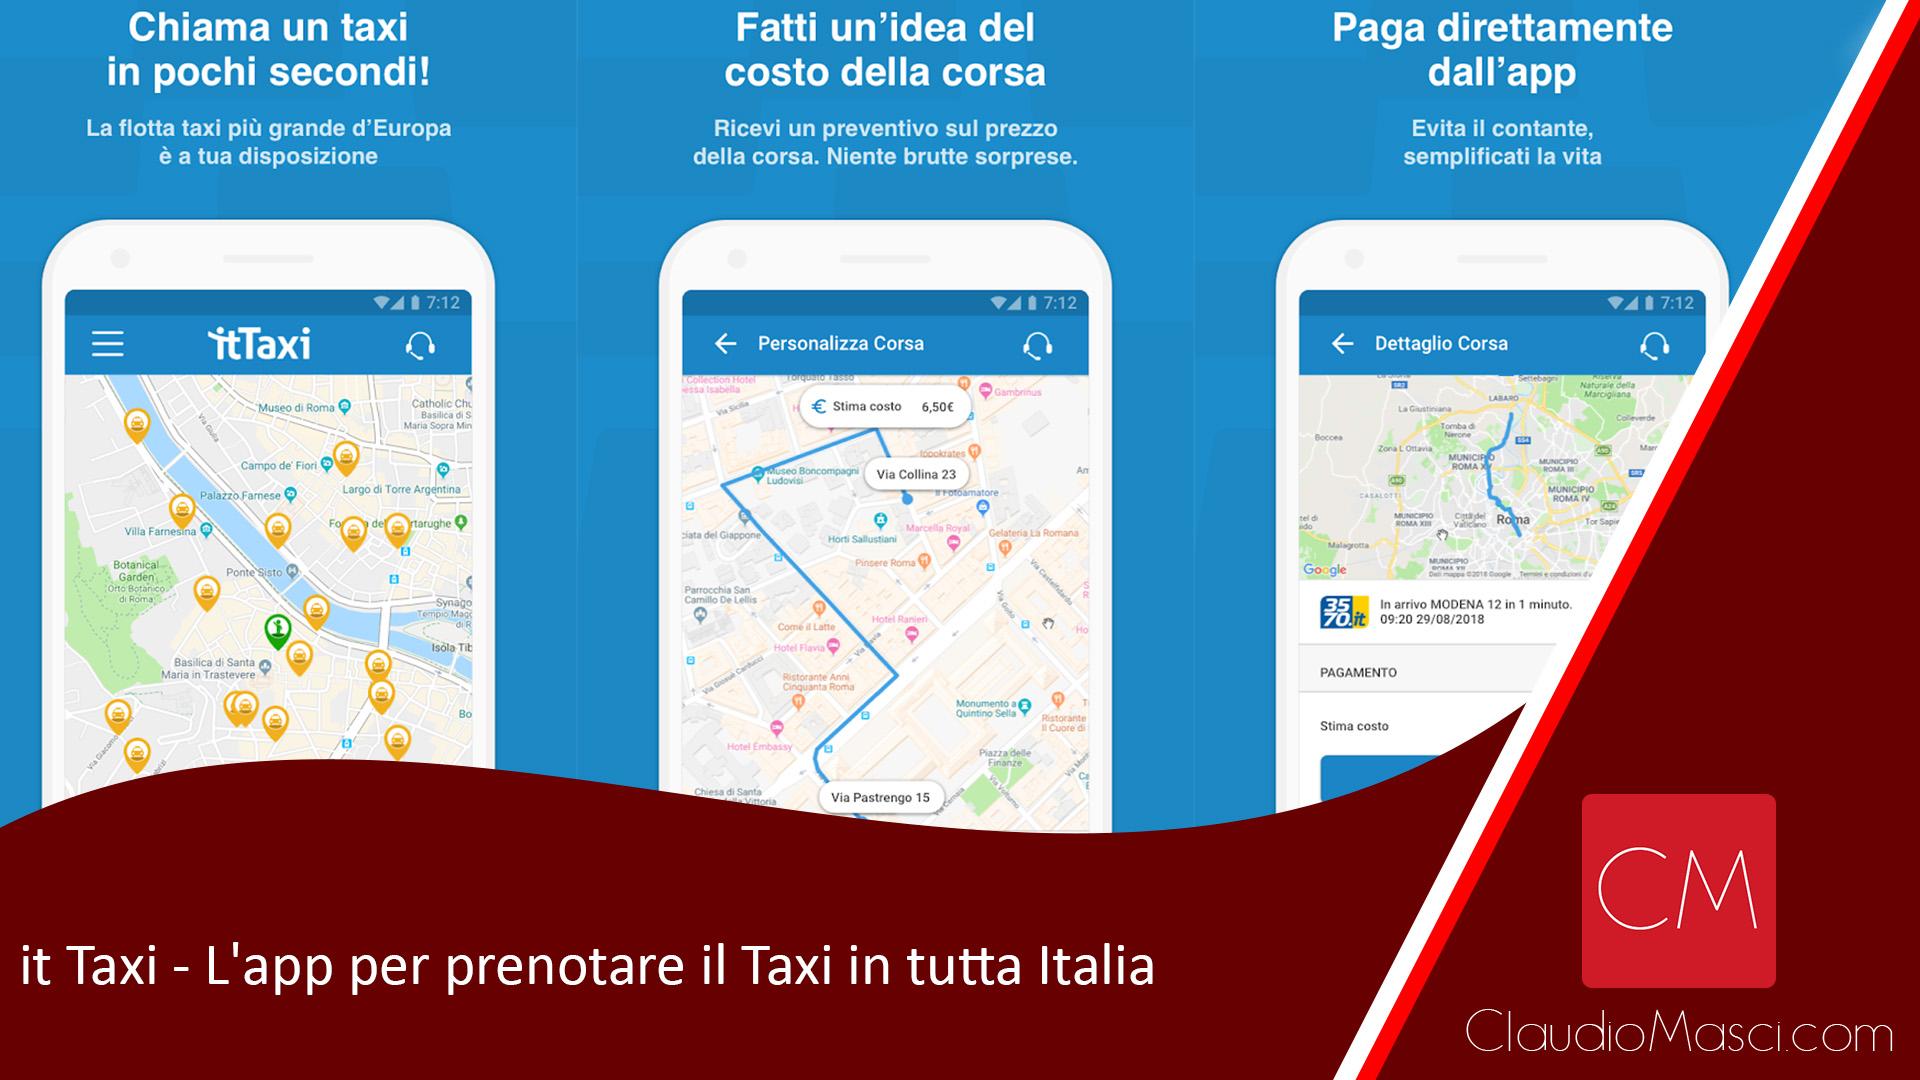 it Taxi – L'app per prenotare il Taxi in tutta Italia